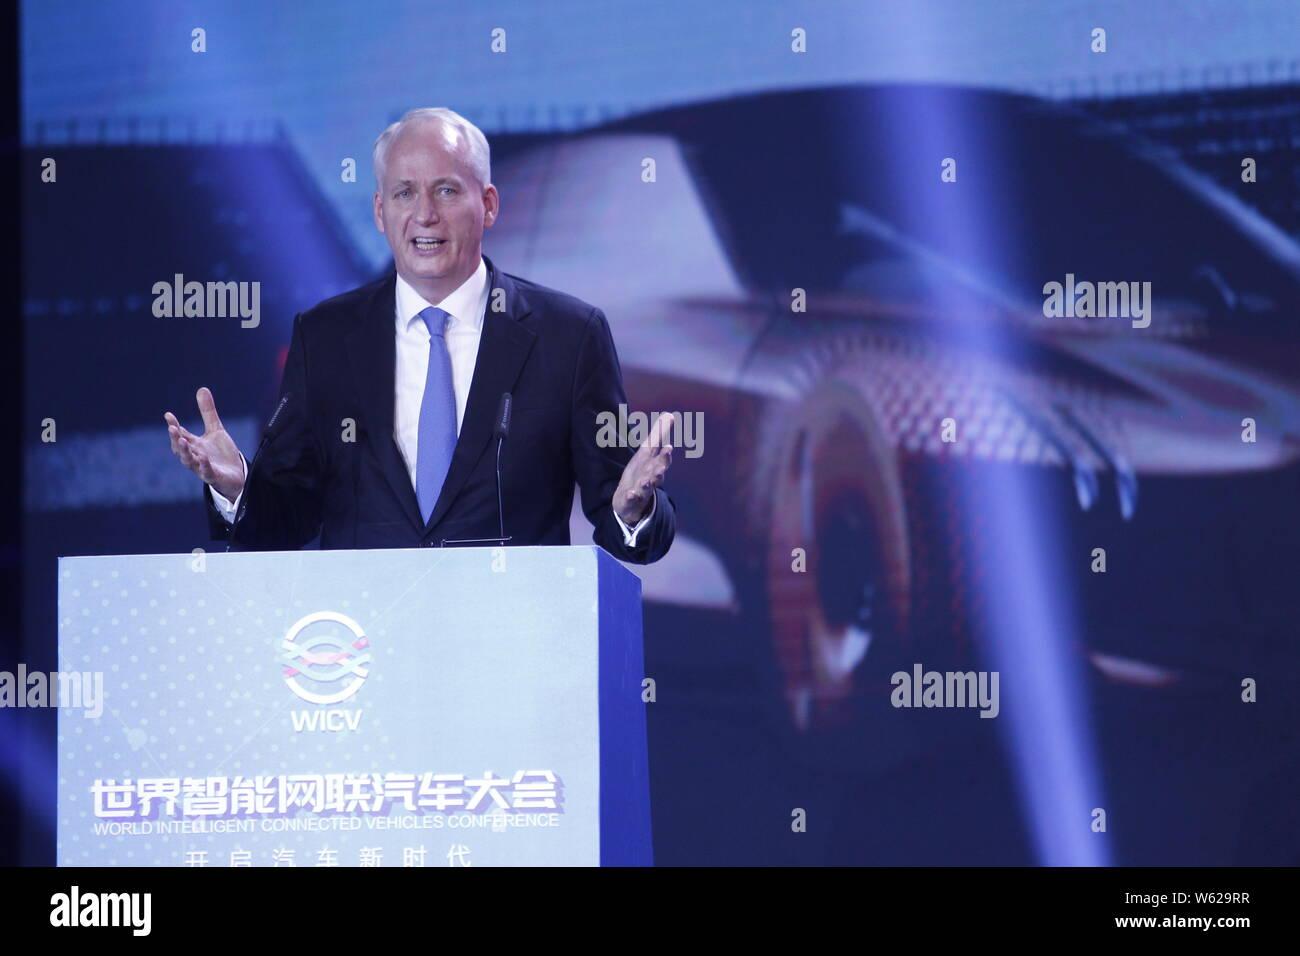 Hubertus Troska, président et chef de la direction de Daimler Grande Chine, parle au cours de la Conférence mondiale de véhicules intelligents et connectés, également connu sous le nom de la 6e Chi Banque D'Images